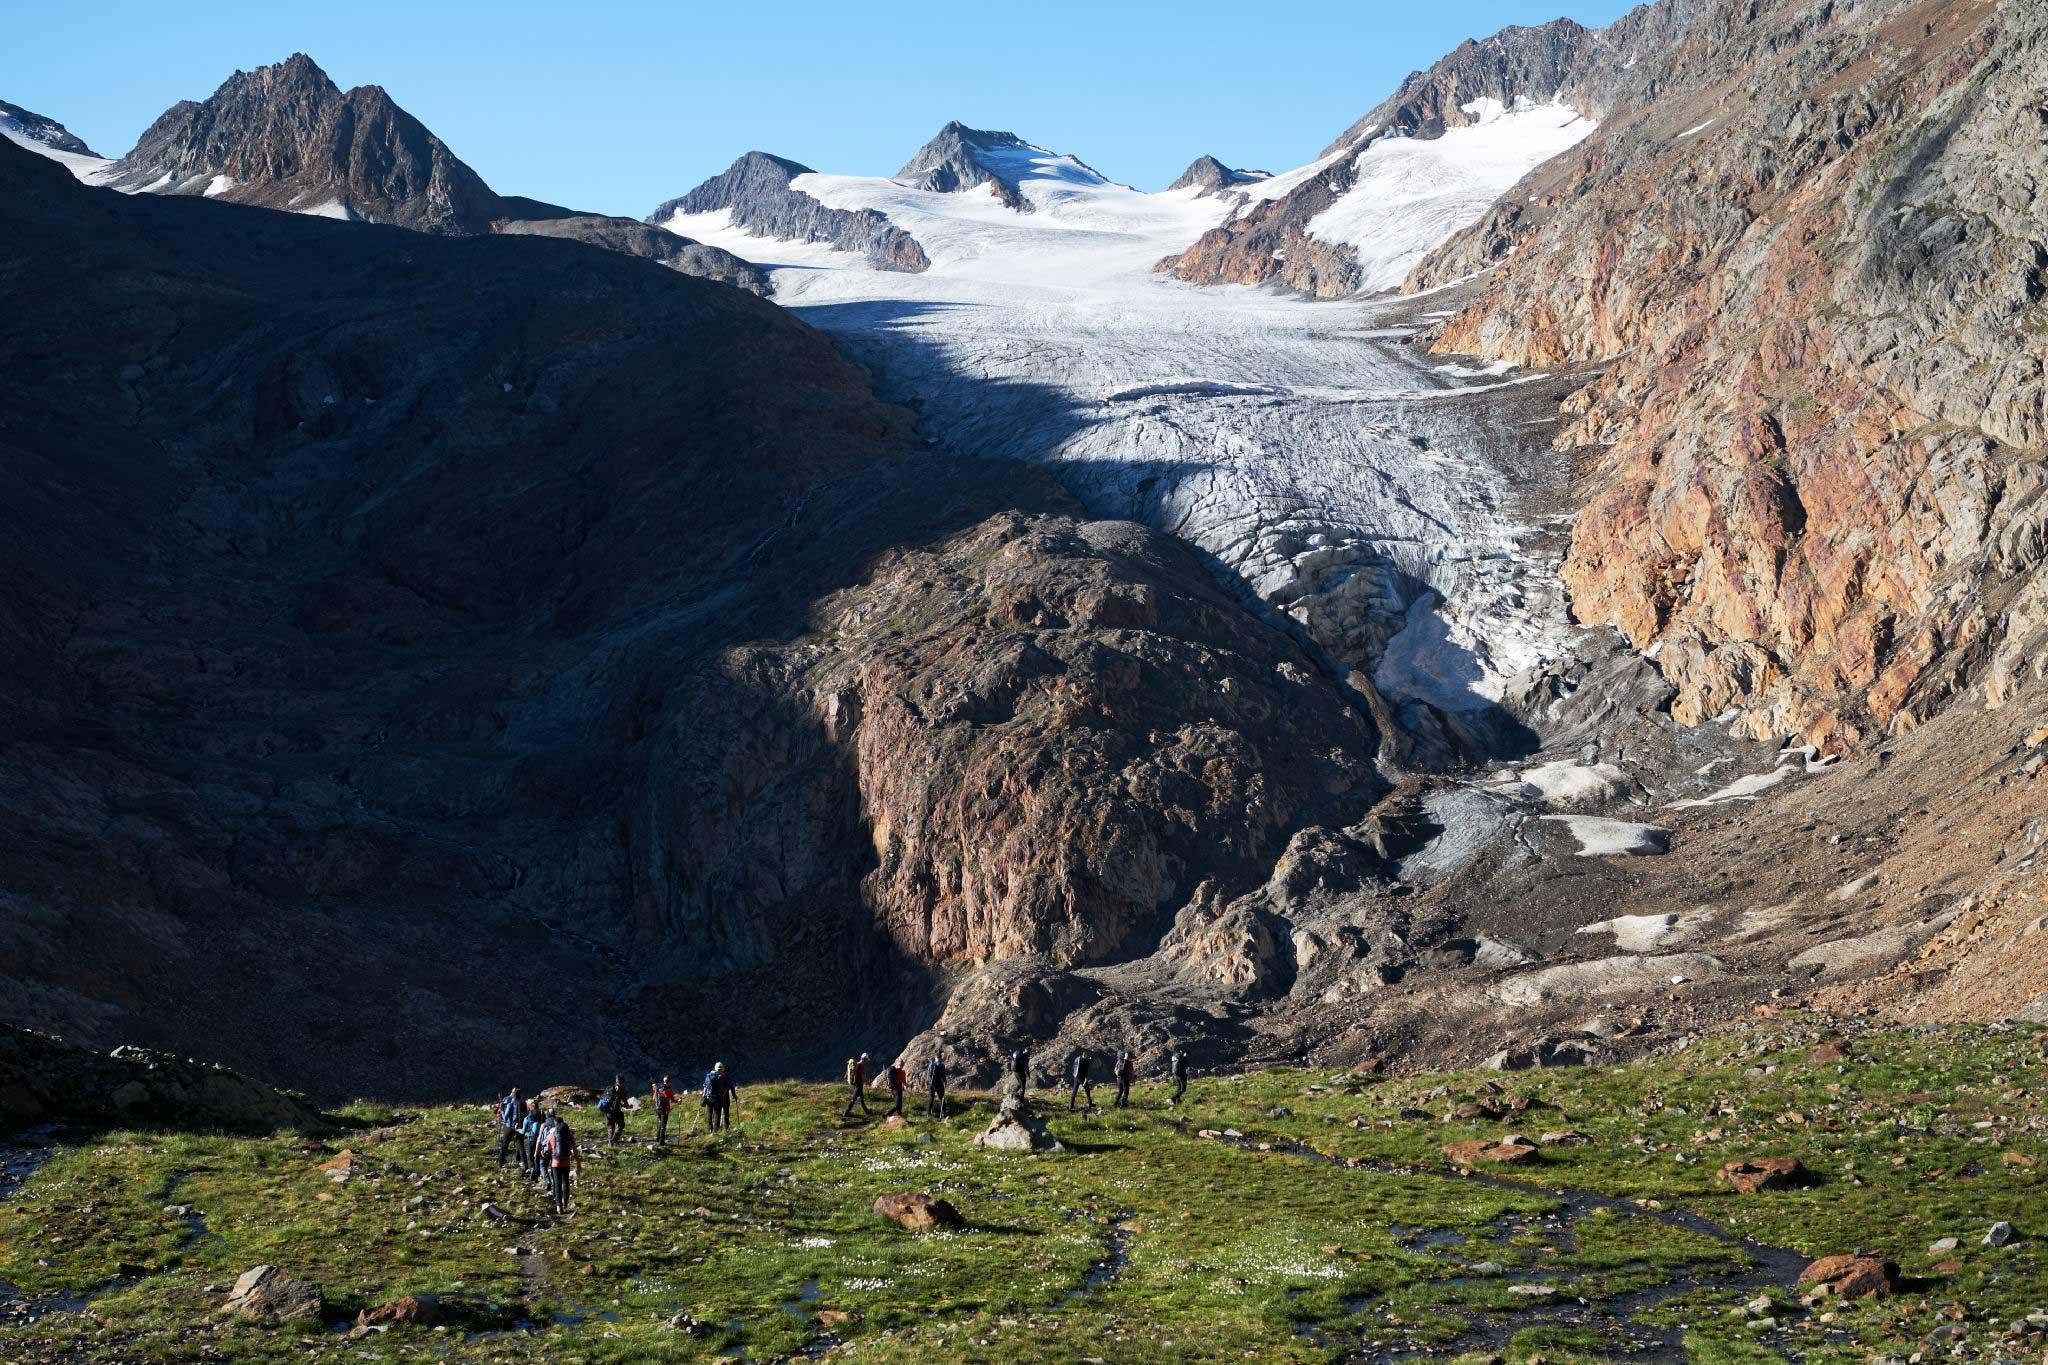 Teilnehmer auf Wiese vor Gletscherzunge - Salewa GET Vertical Obergurgl-Hochgurgl